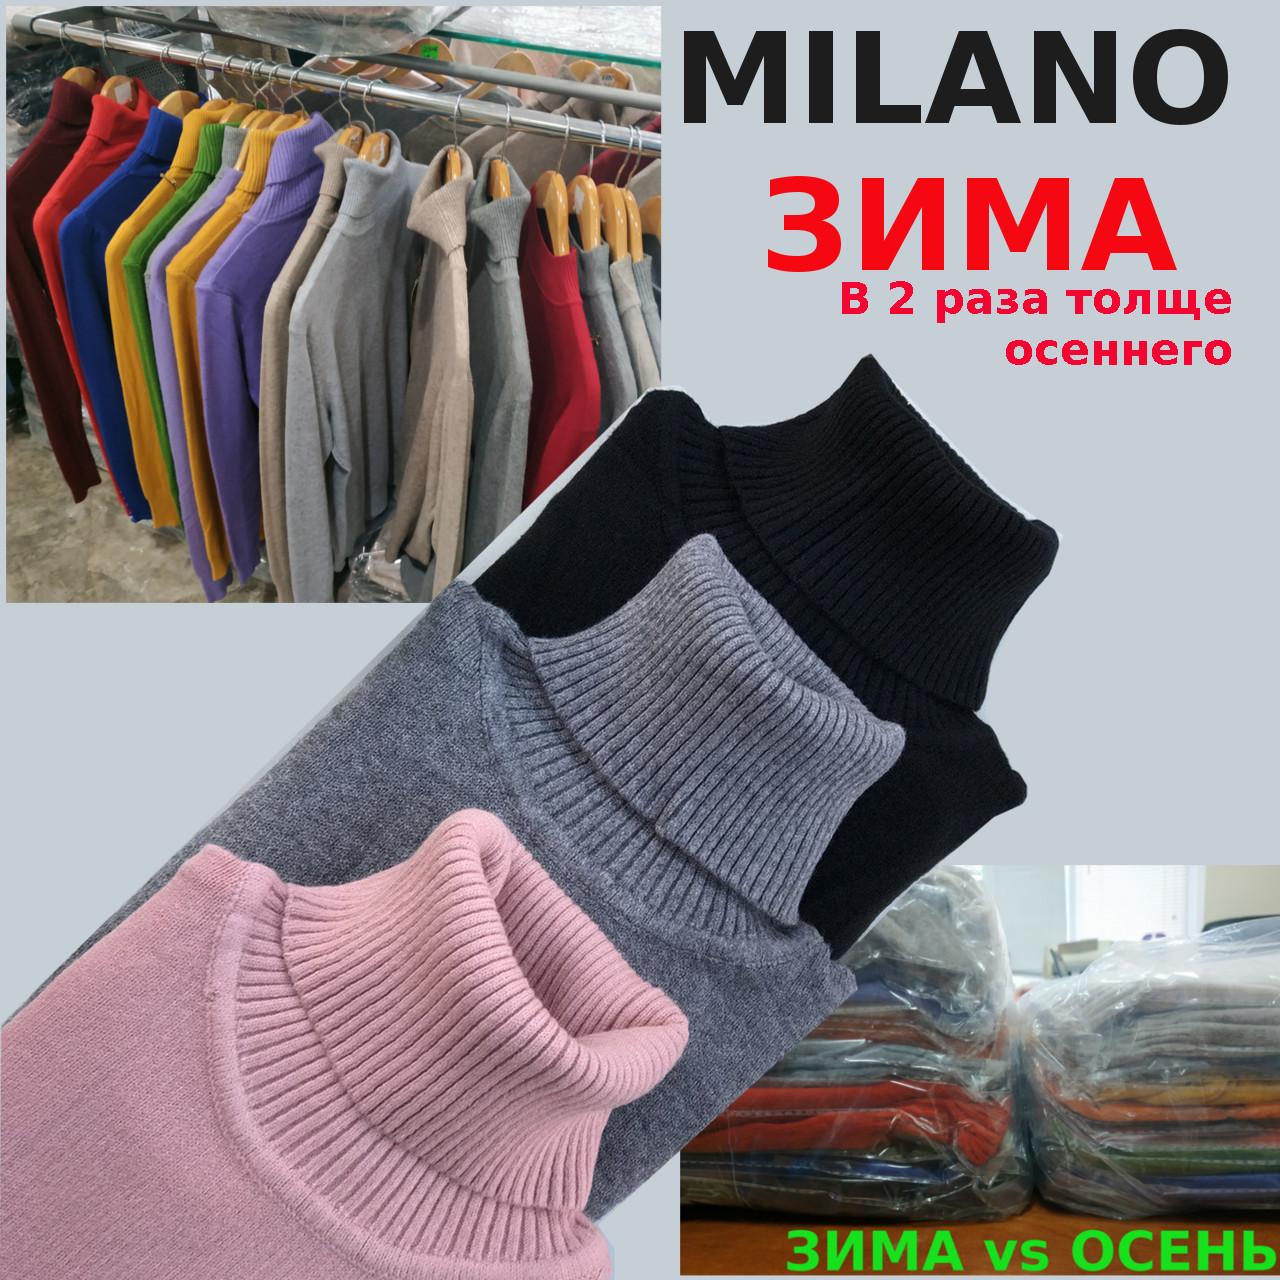 Гольф зима Милано гольфик опт Водолазка растовка микс  очень теплый размер С-М и Л-ХЛ Milano Zone оптом